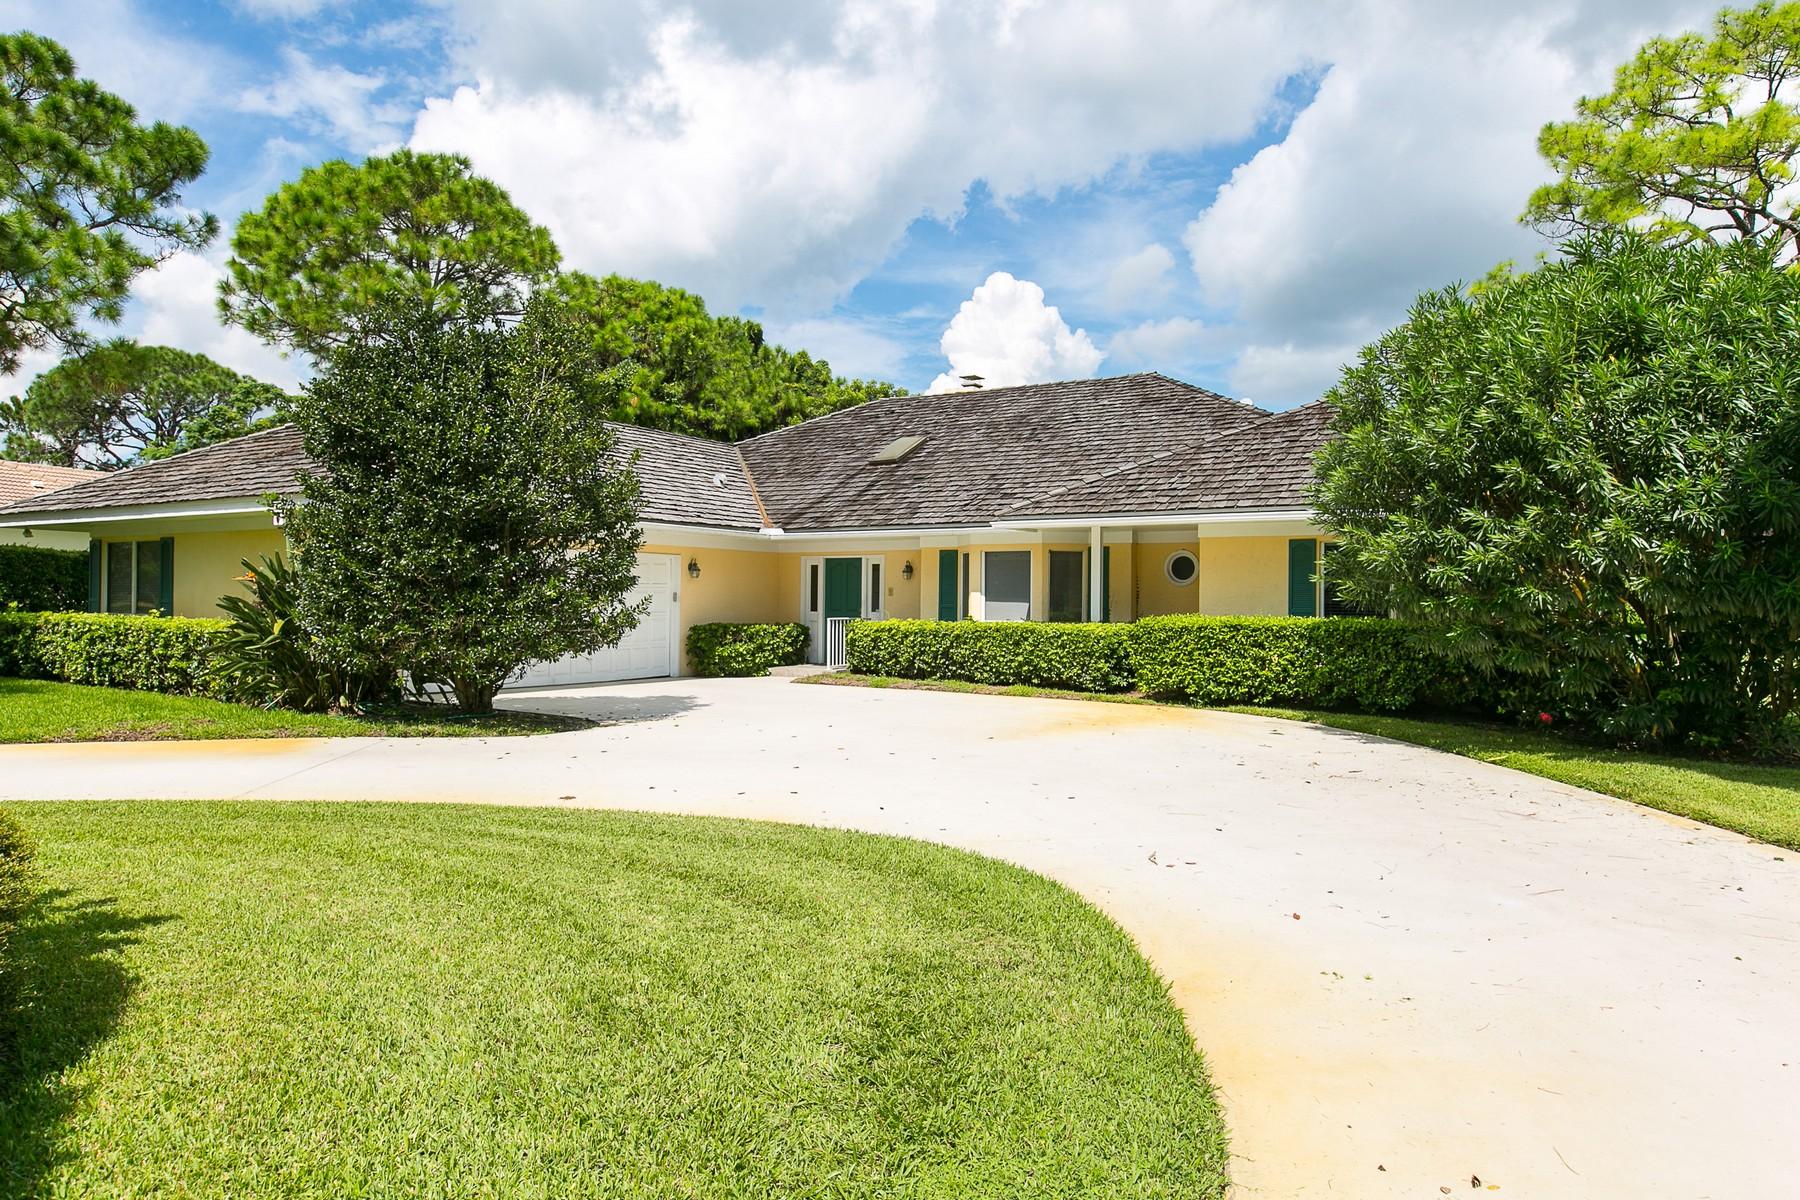 Maison unifamiliale pour l Vente à Bent Pine Golf Club 5825 Glen Eagle Lane Vero Beach, Florida, 32967 États-Unis